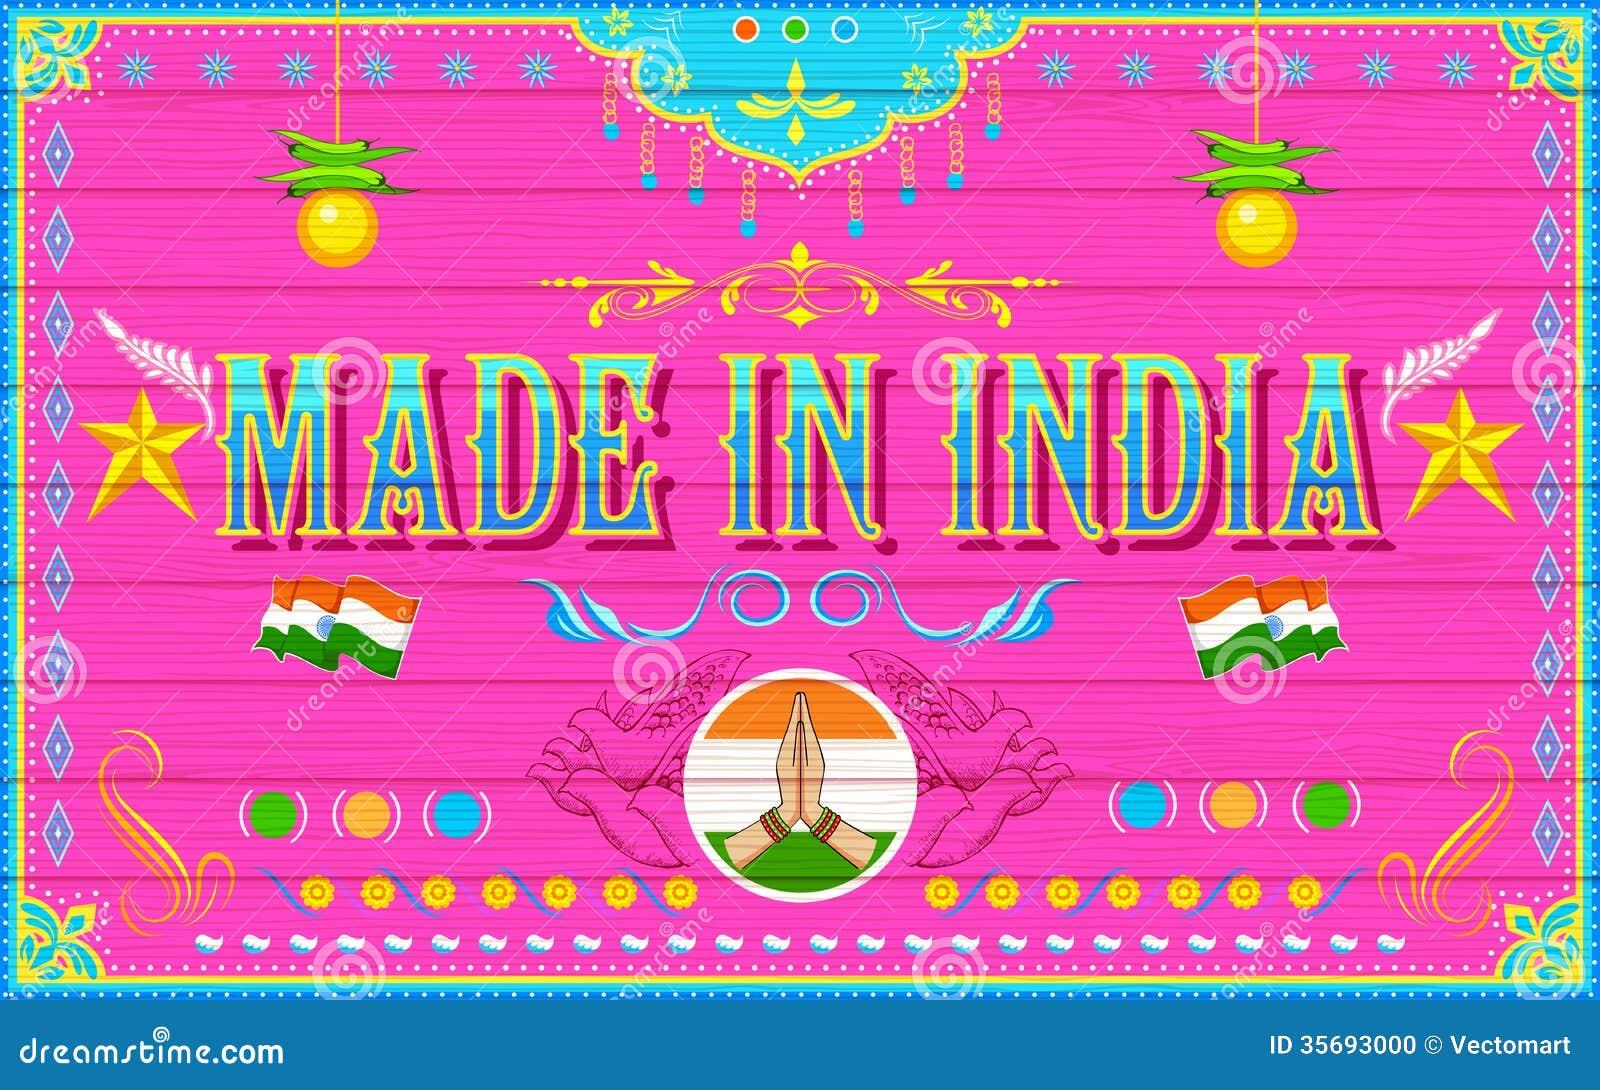 做在印度背景中